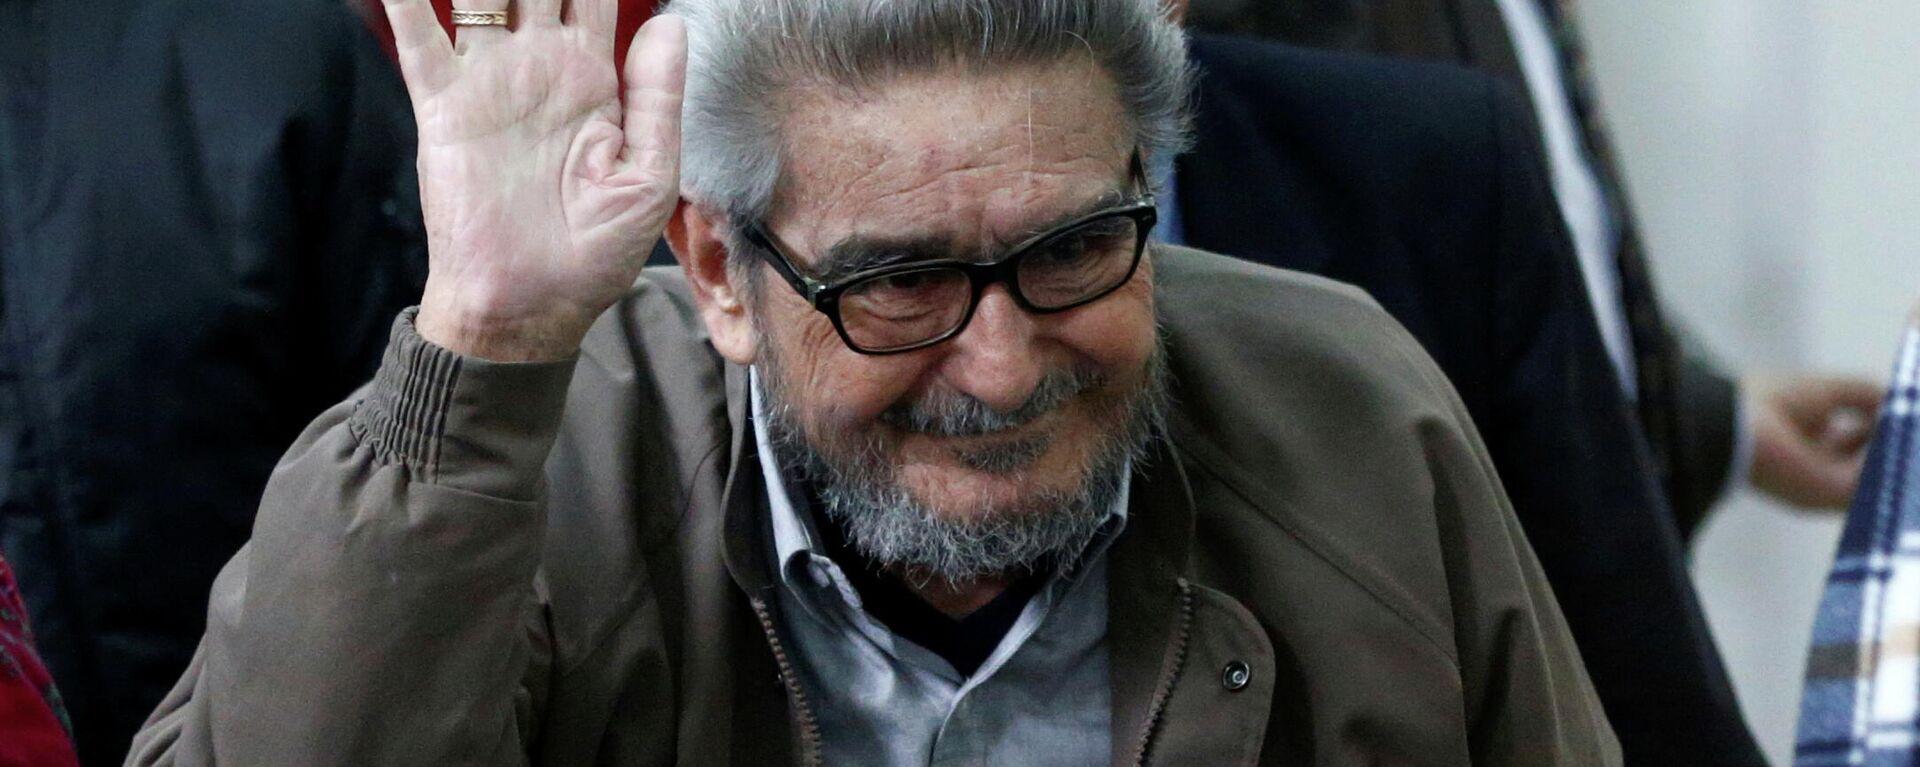 Abimael Guzmán, fundador de Sendero Luminoso - Sputnik Mundo, 1920, 23.09.2021